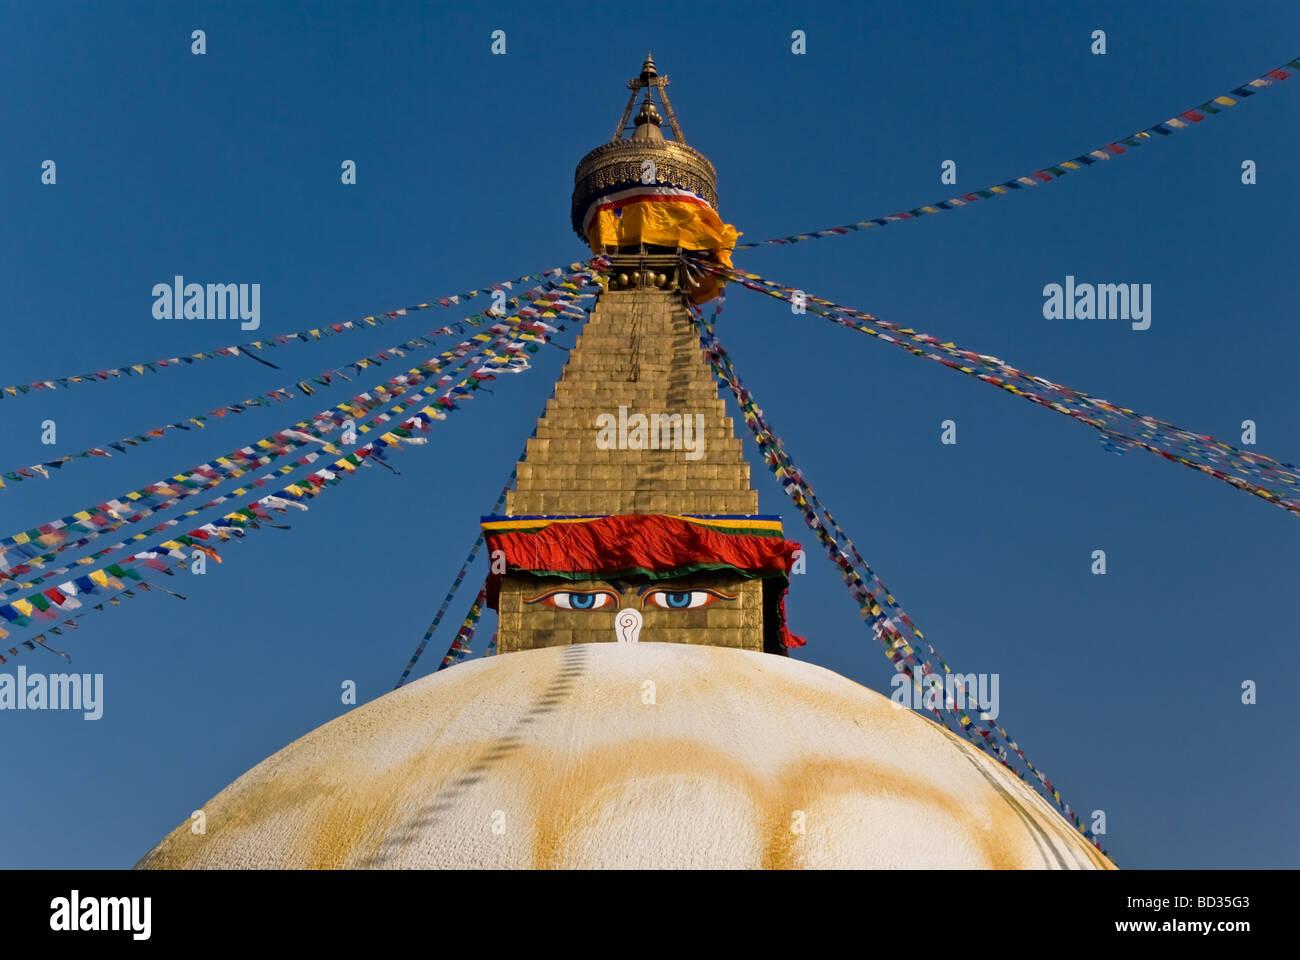 Bodnath stupa, Kathmandu Valley, Nepal, Asia - Stock Image